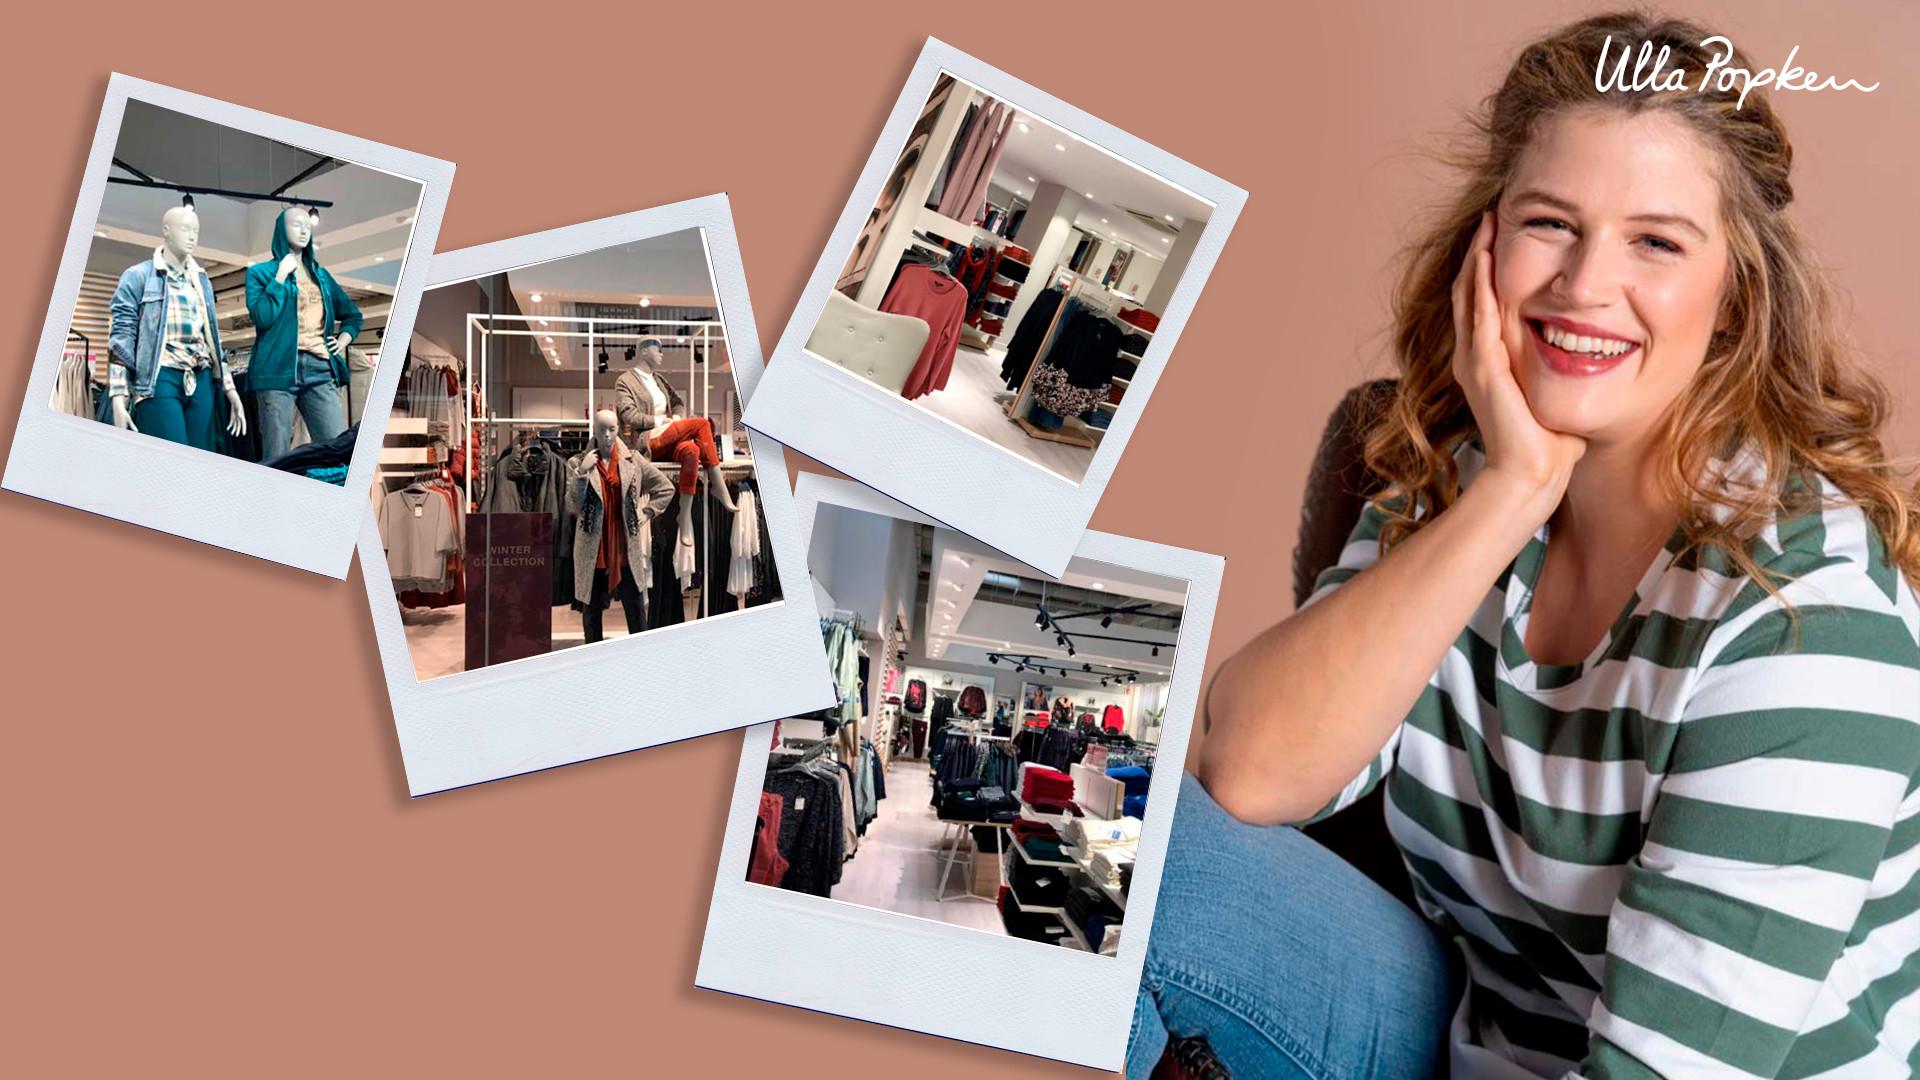 Ulla Popken immagine finale della campagna affidata a The Digital Project